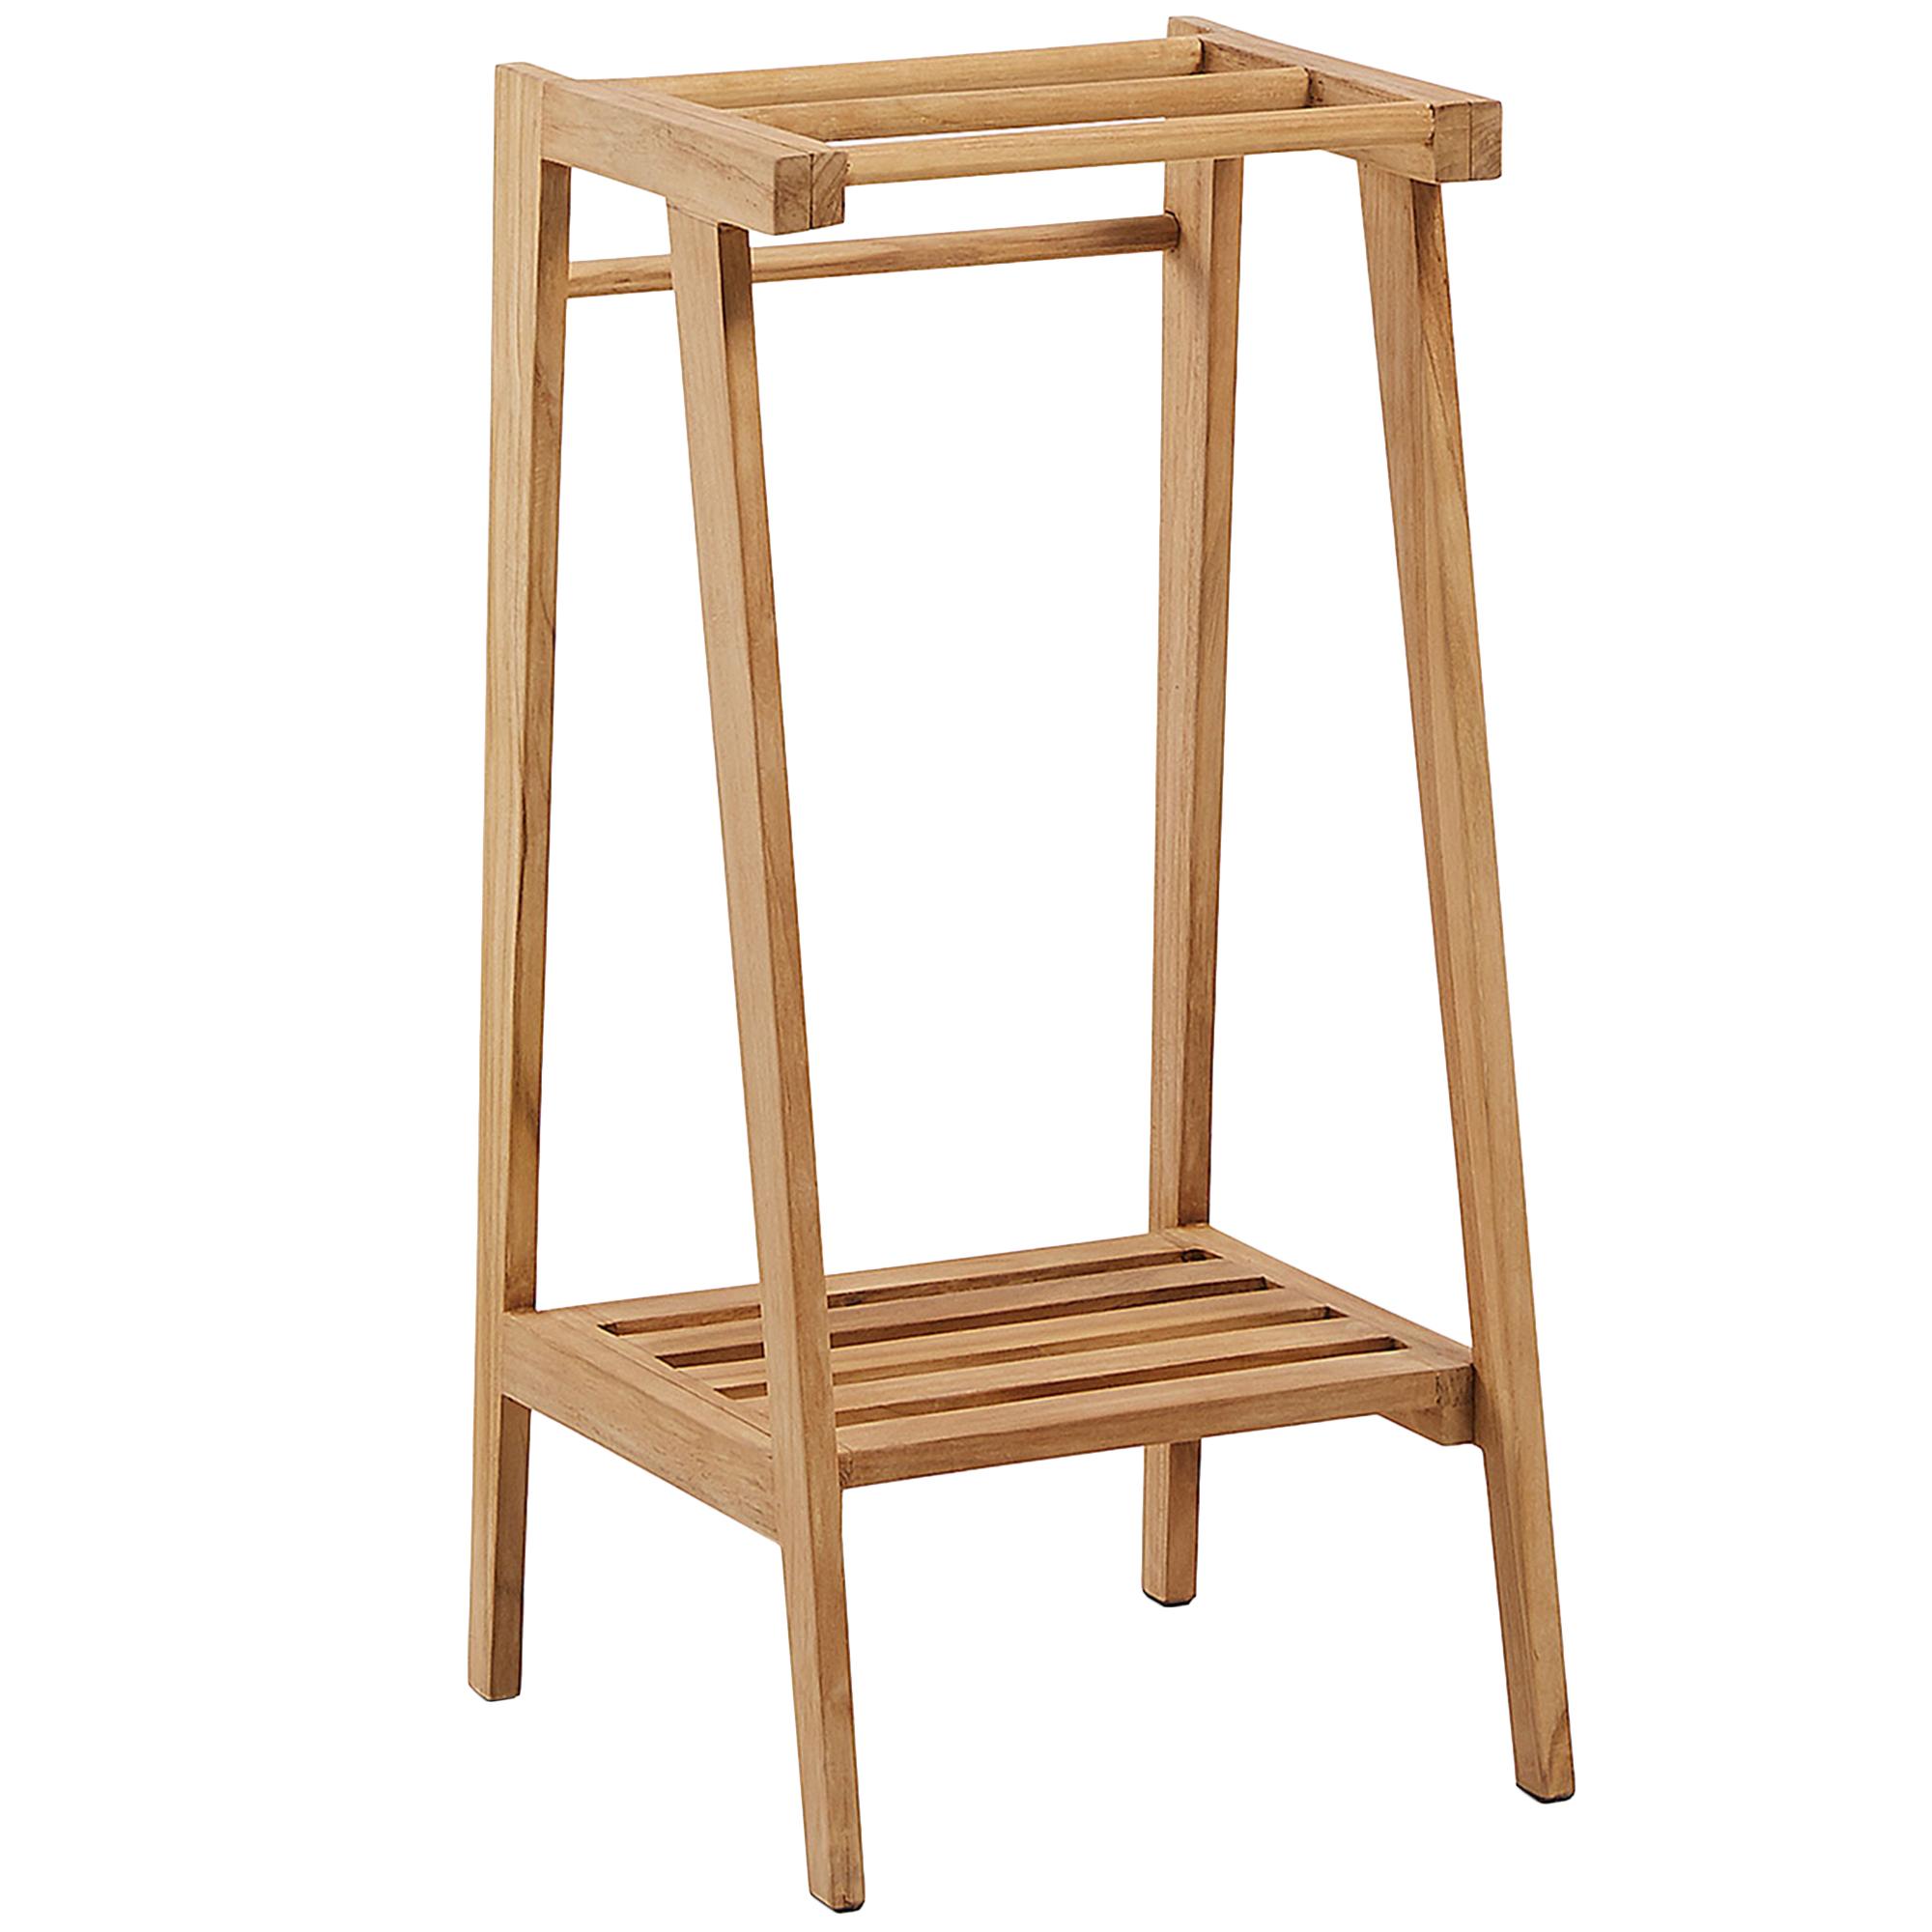 Linea Furniture Free Standing Teak Wood Towel Rack Reviews Temple Webster